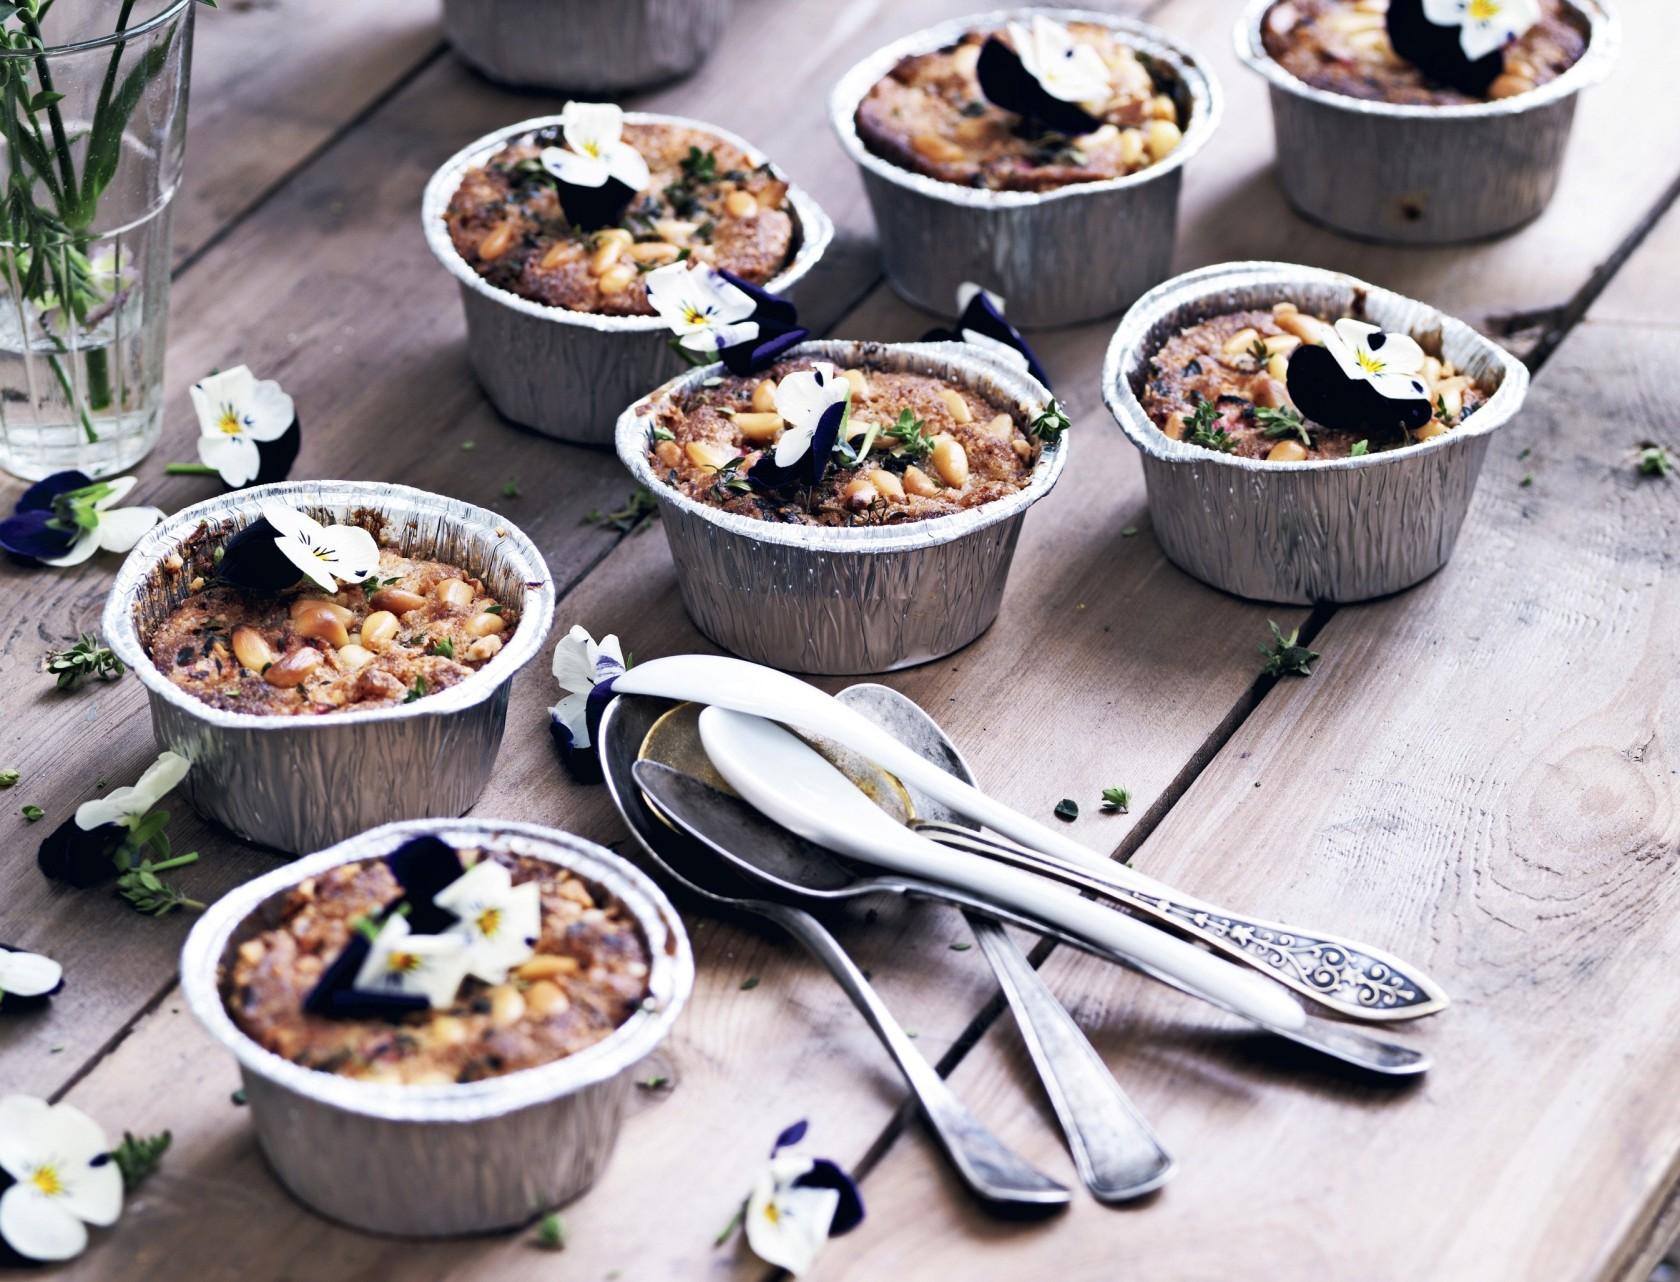 Små mandeltærter med rabarber og pinjekerner - lækker opskrift på fine kager.